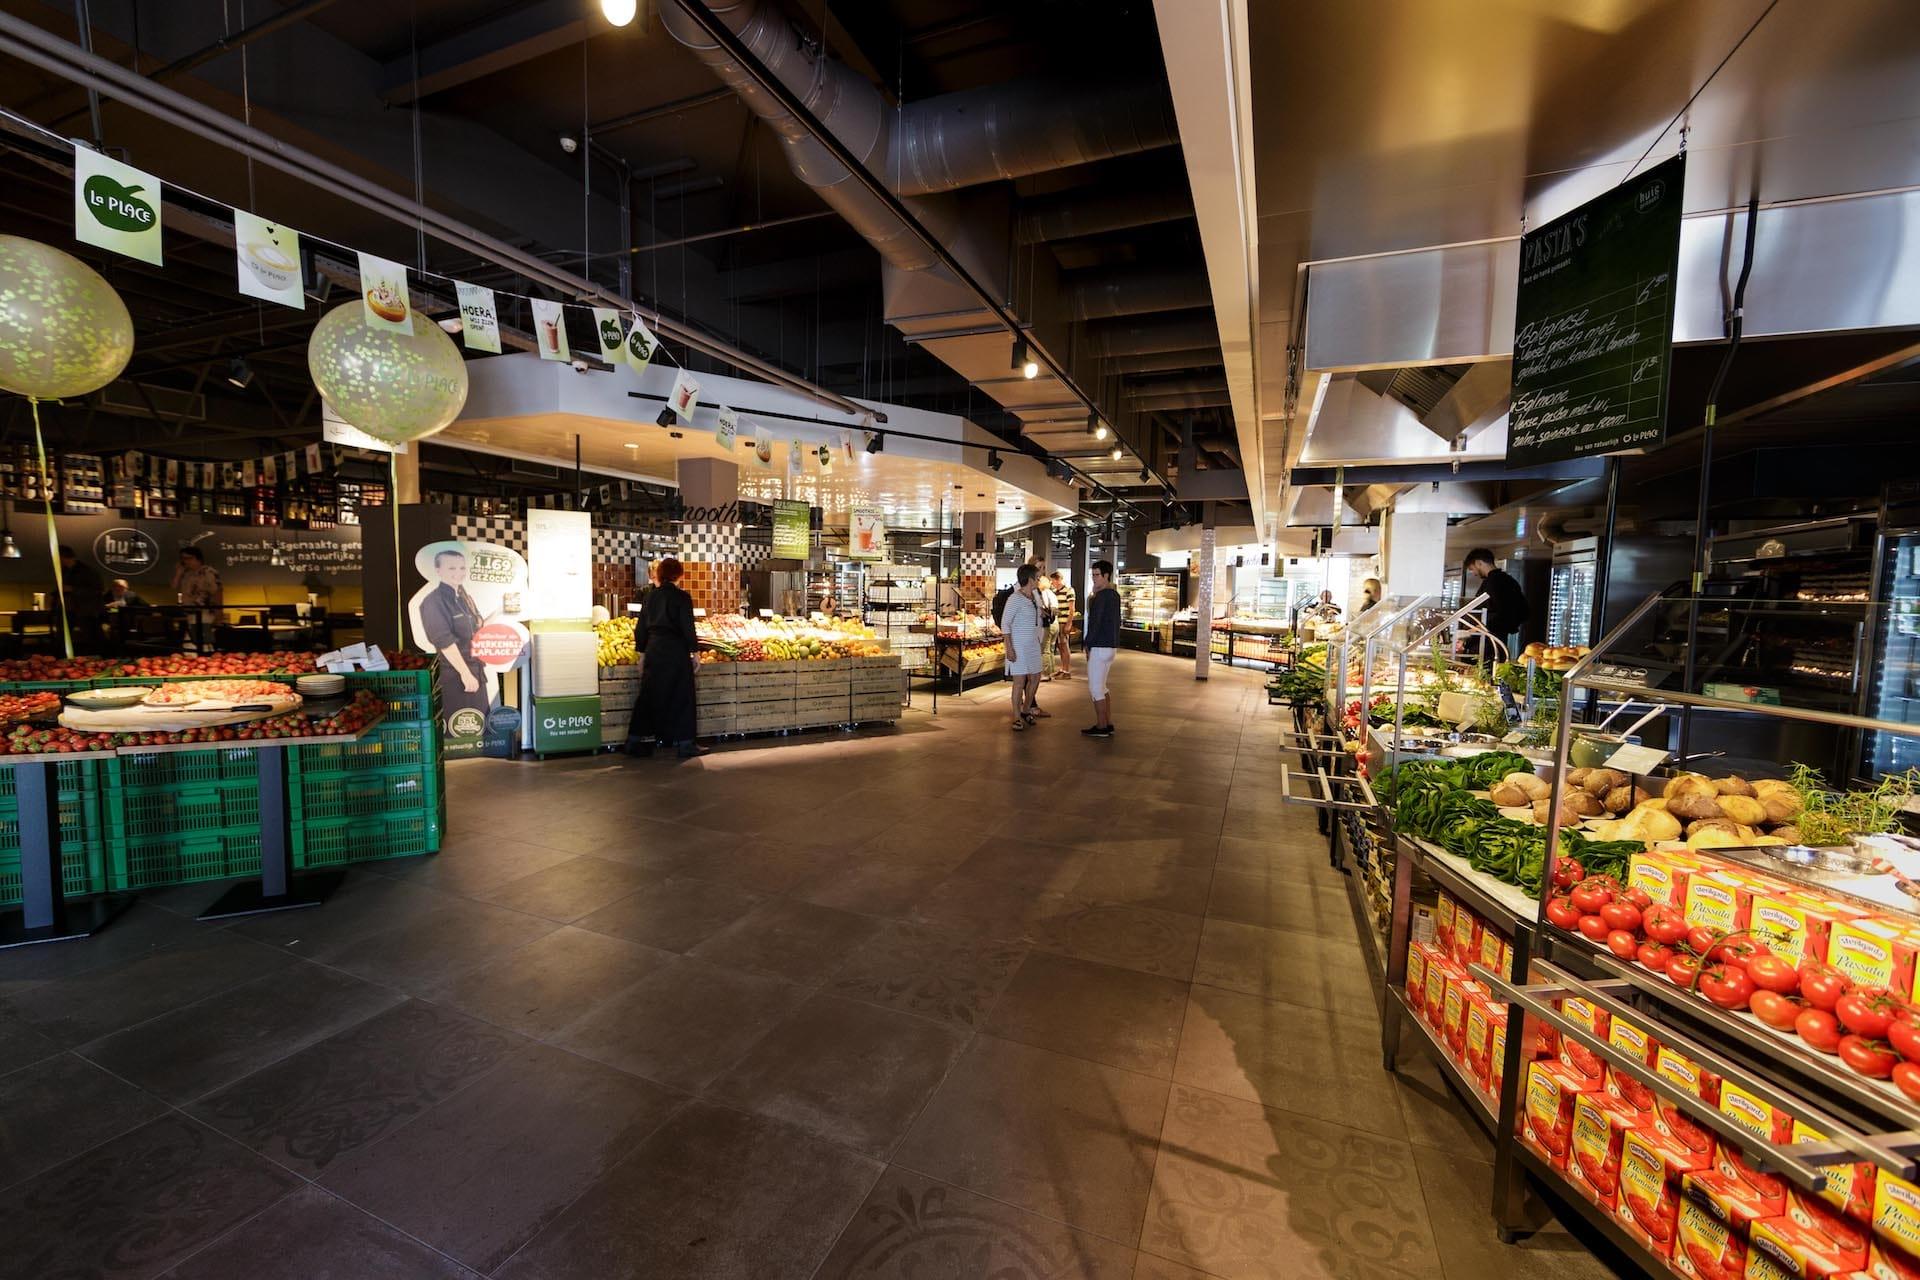 La Place Opent Tweede Restaurant Nederweert24